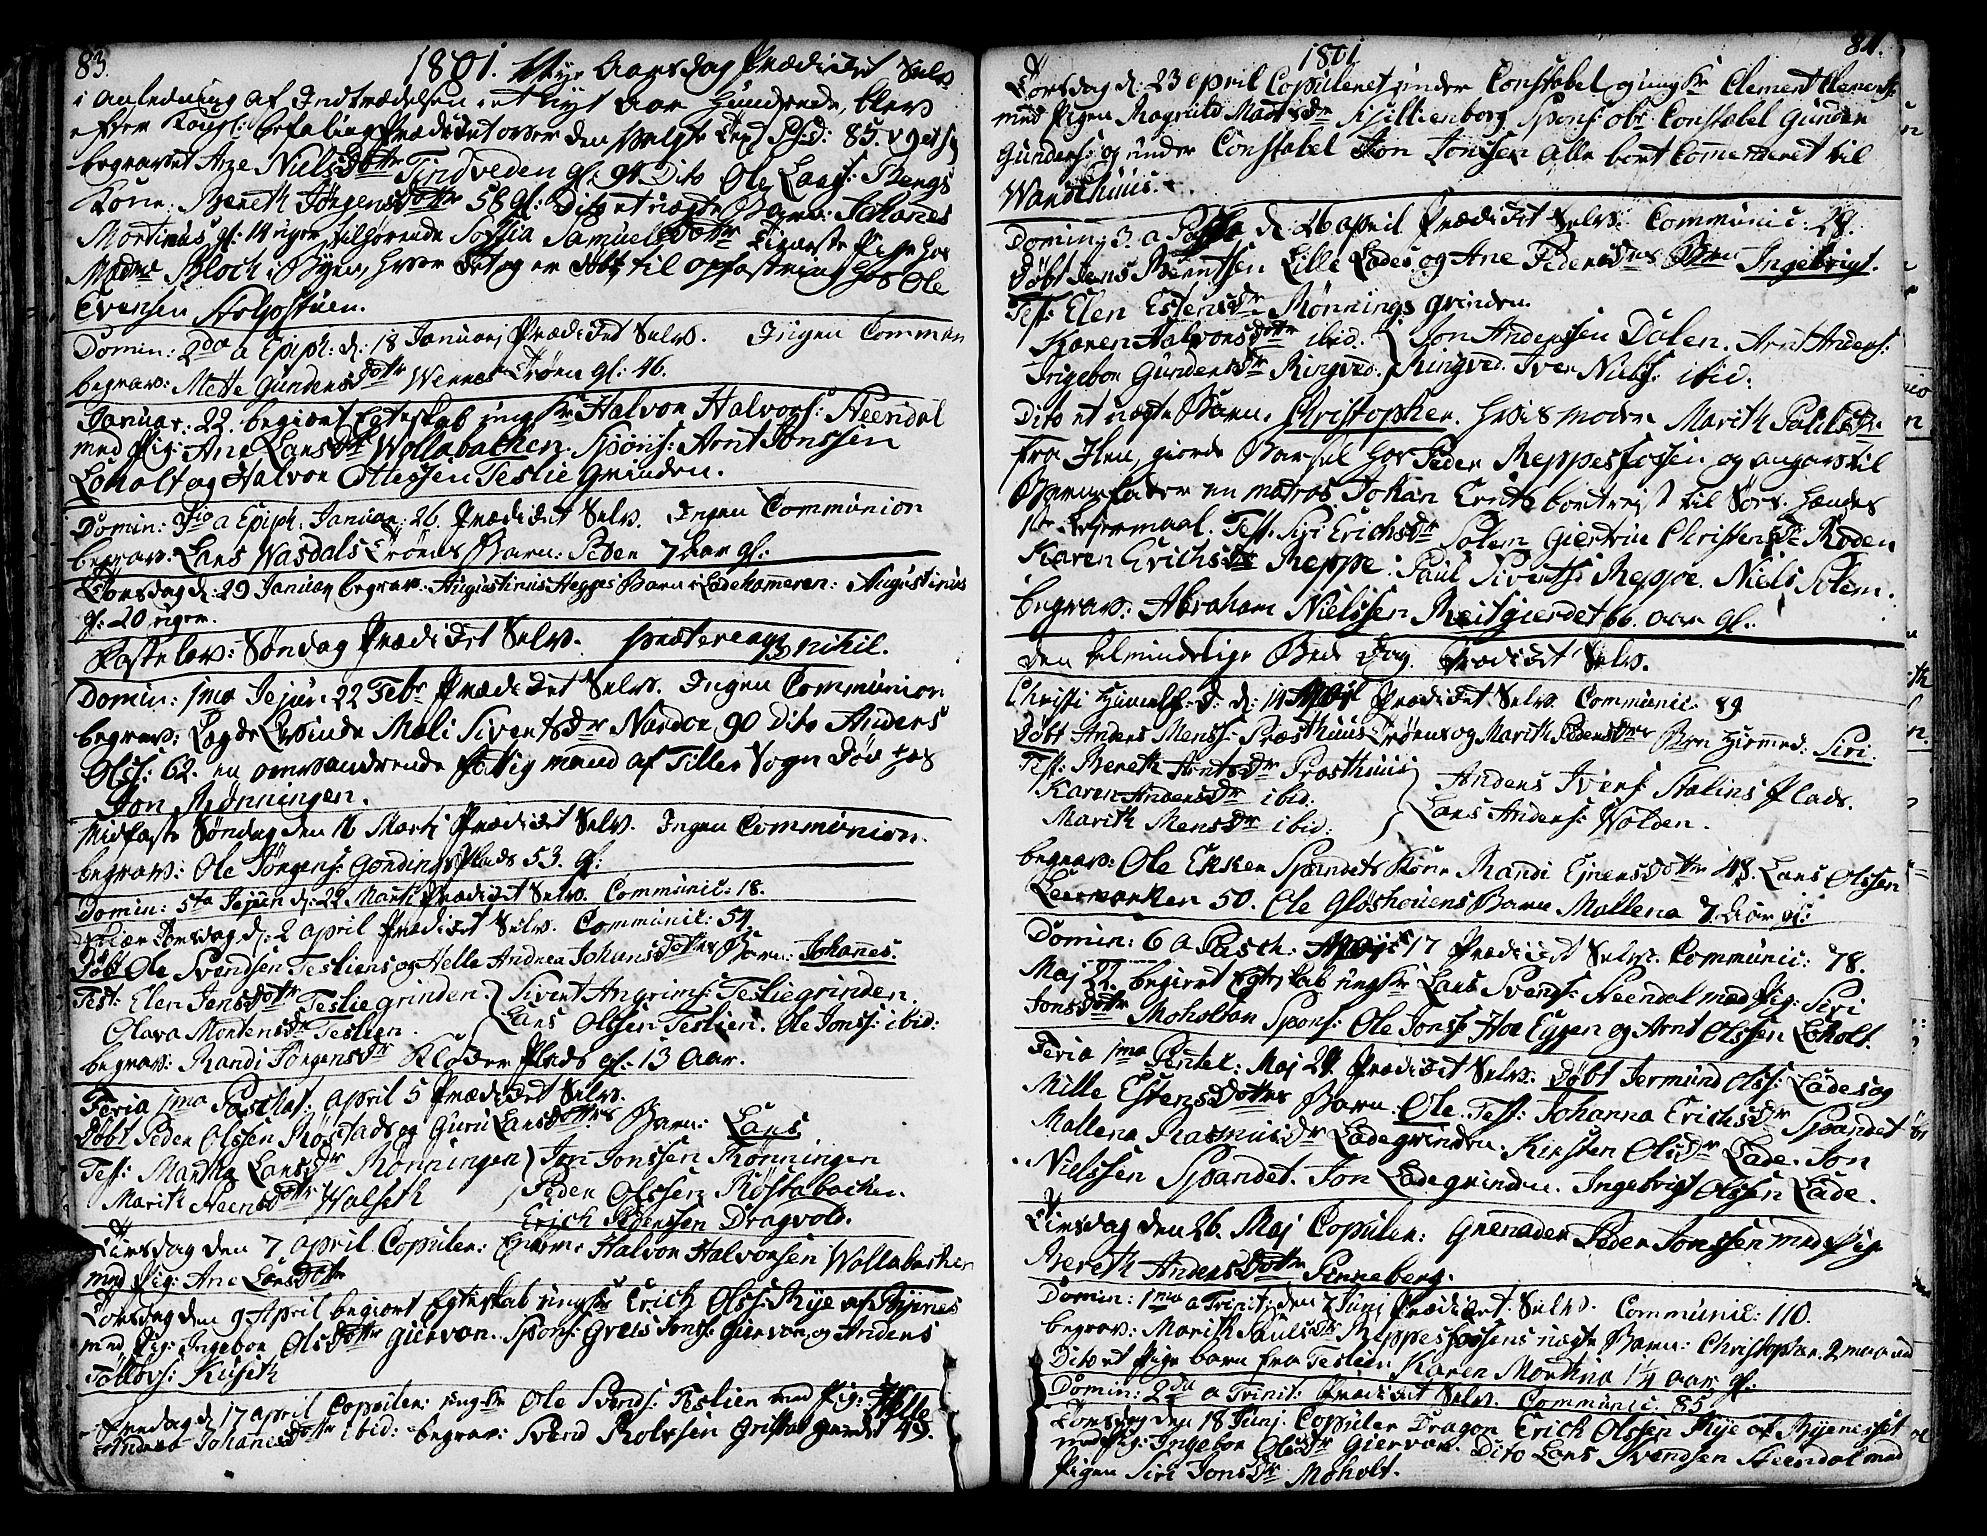 SAT, Ministerialprotokoller, klokkerbøker og fødselsregistre - Sør-Trøndelag, 606/L0280: Ministerialbok nr. 606A02 /1, 1781-1817, s. 83-84